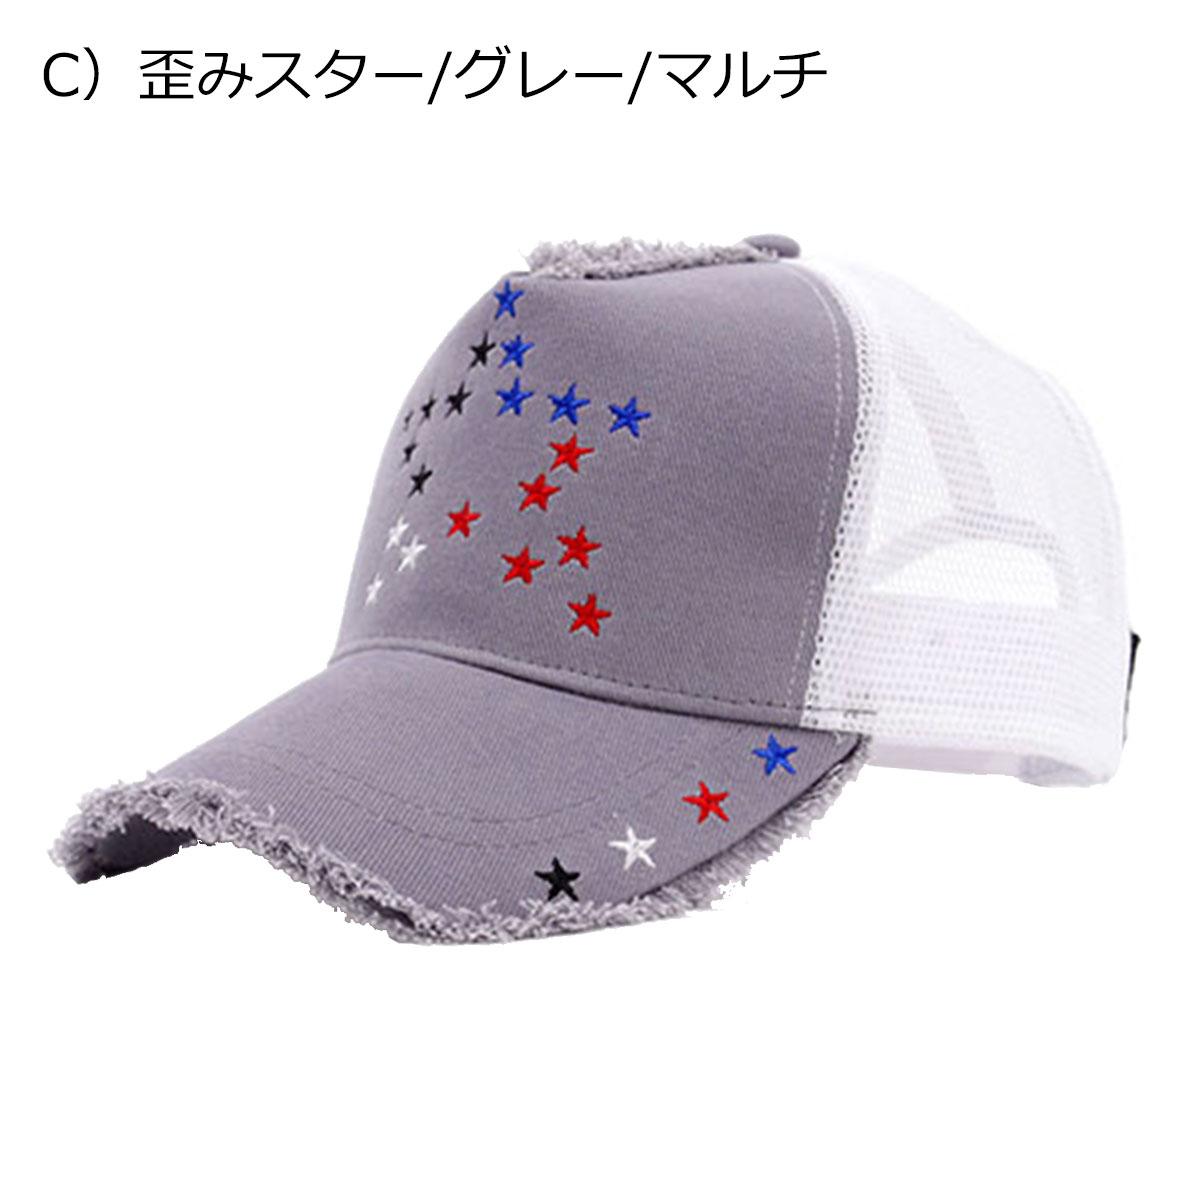 C)歪みスター/グレー/マルチ